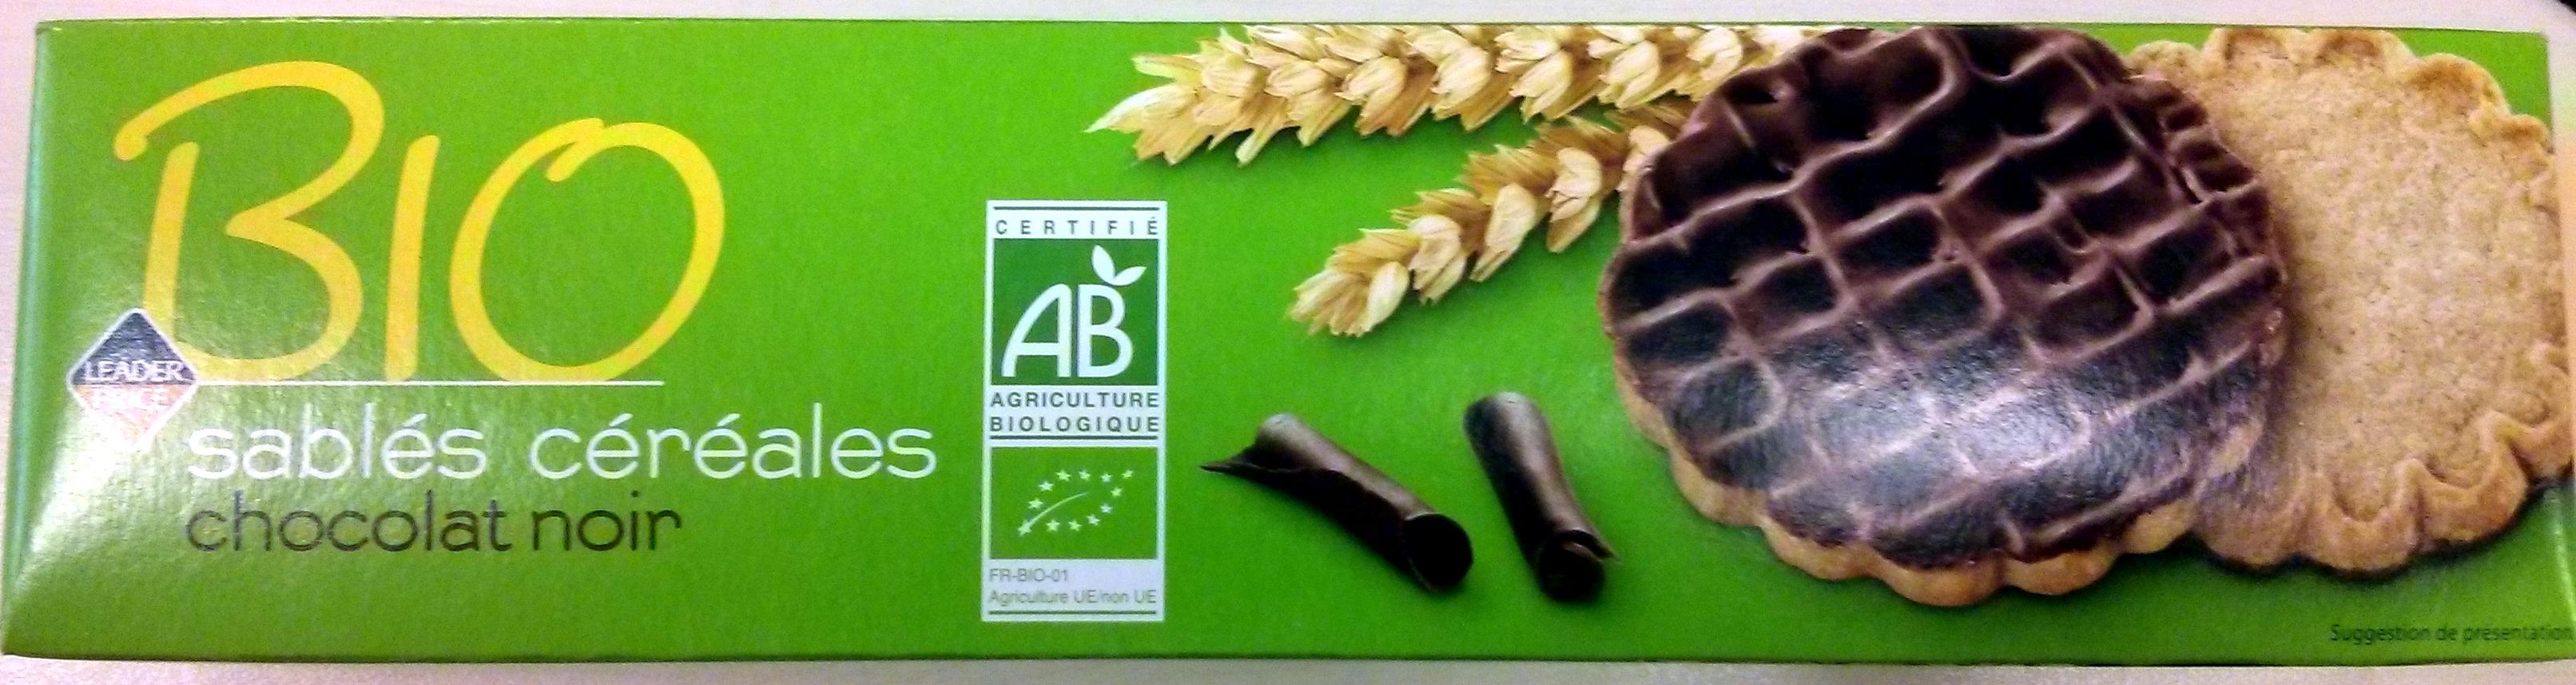 Sablés céréales chocolat noir Bio - Produit - fr